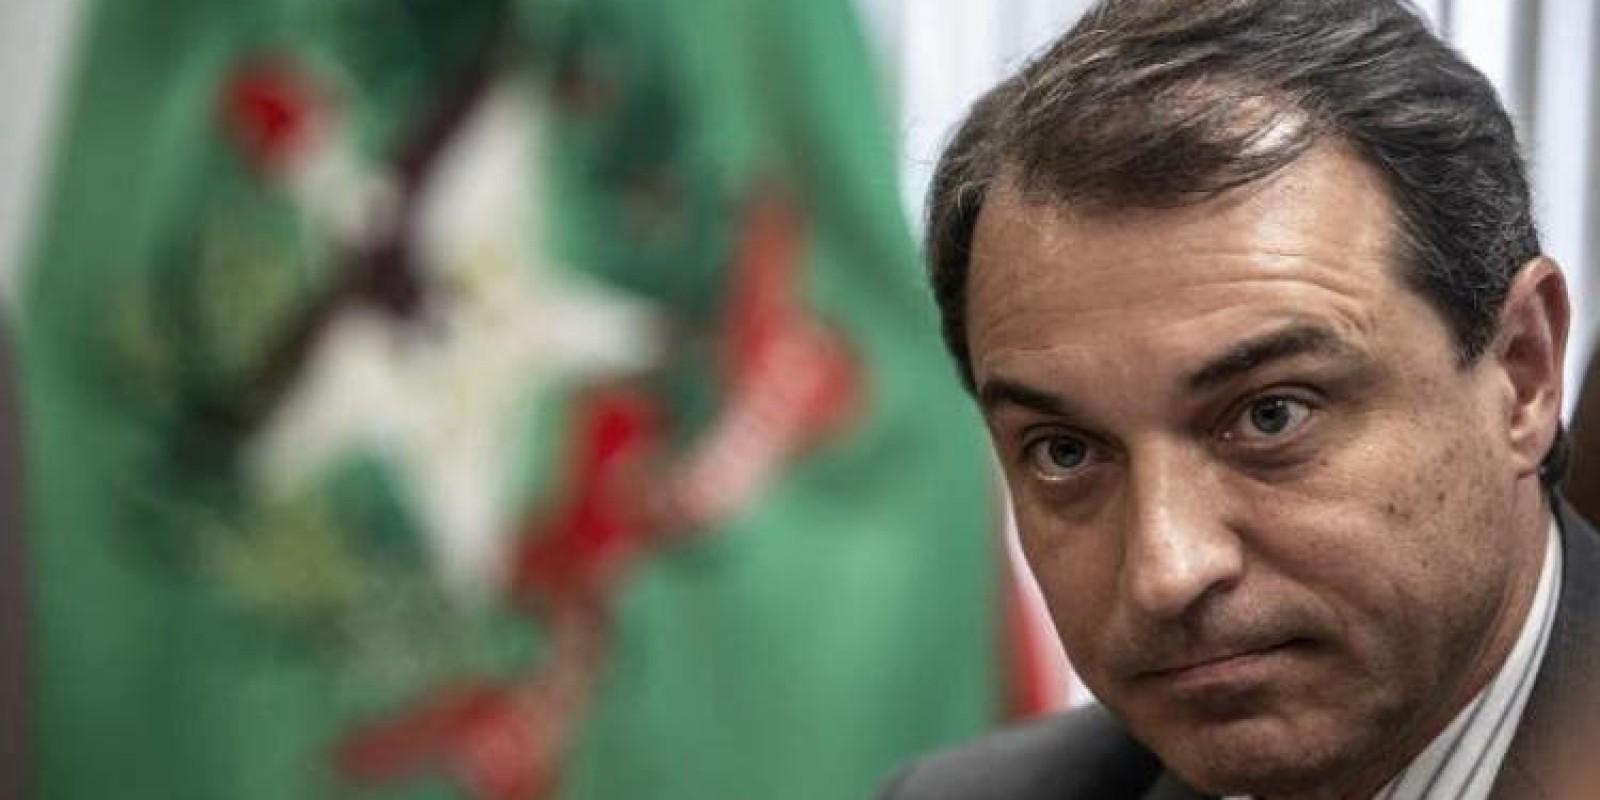 Carlos Moisés diz estar estarrecido com discurso de Bolsonaro contra quarentena do coronavírus